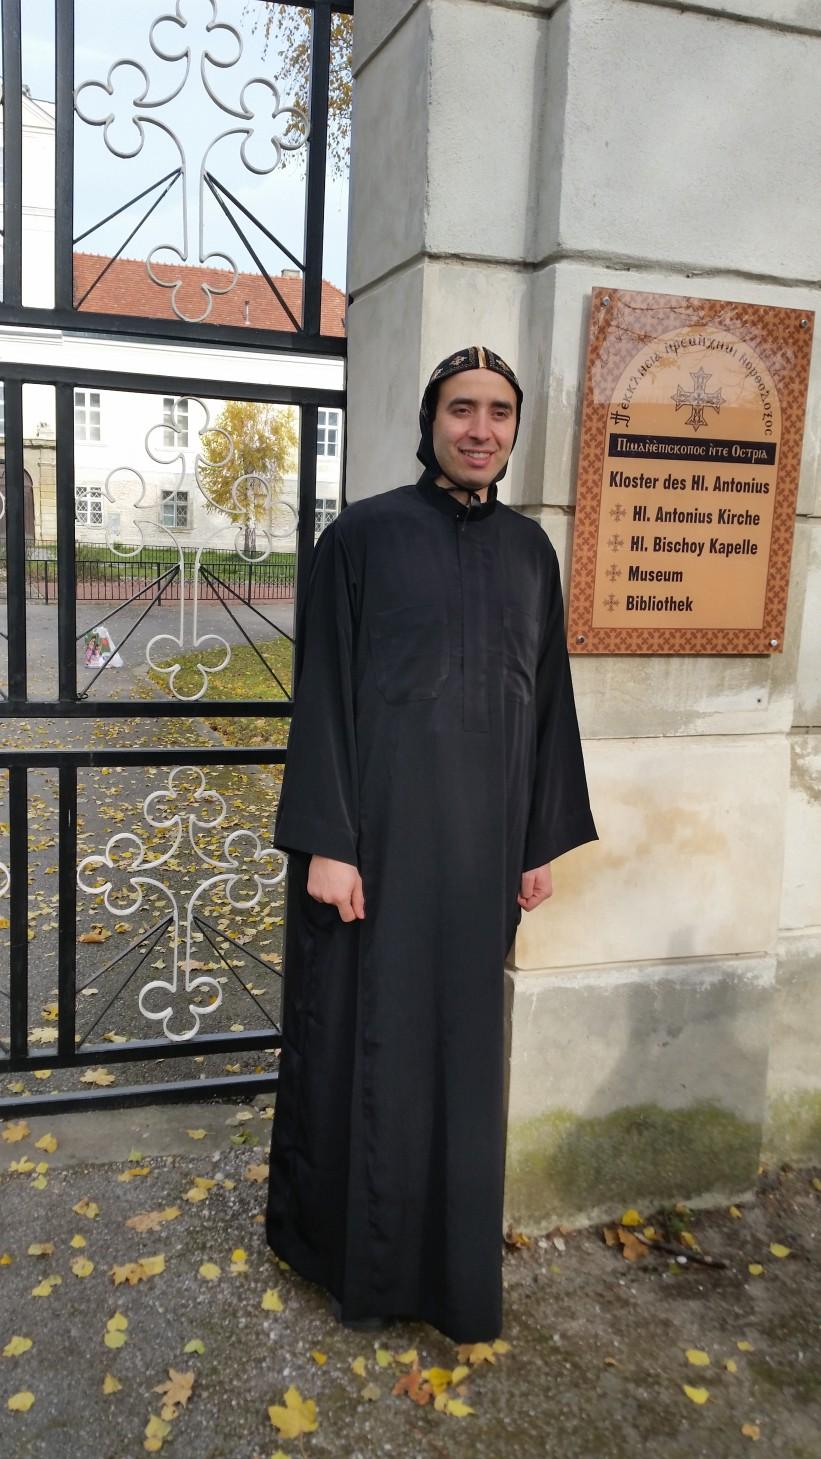 Pater Theodor 2